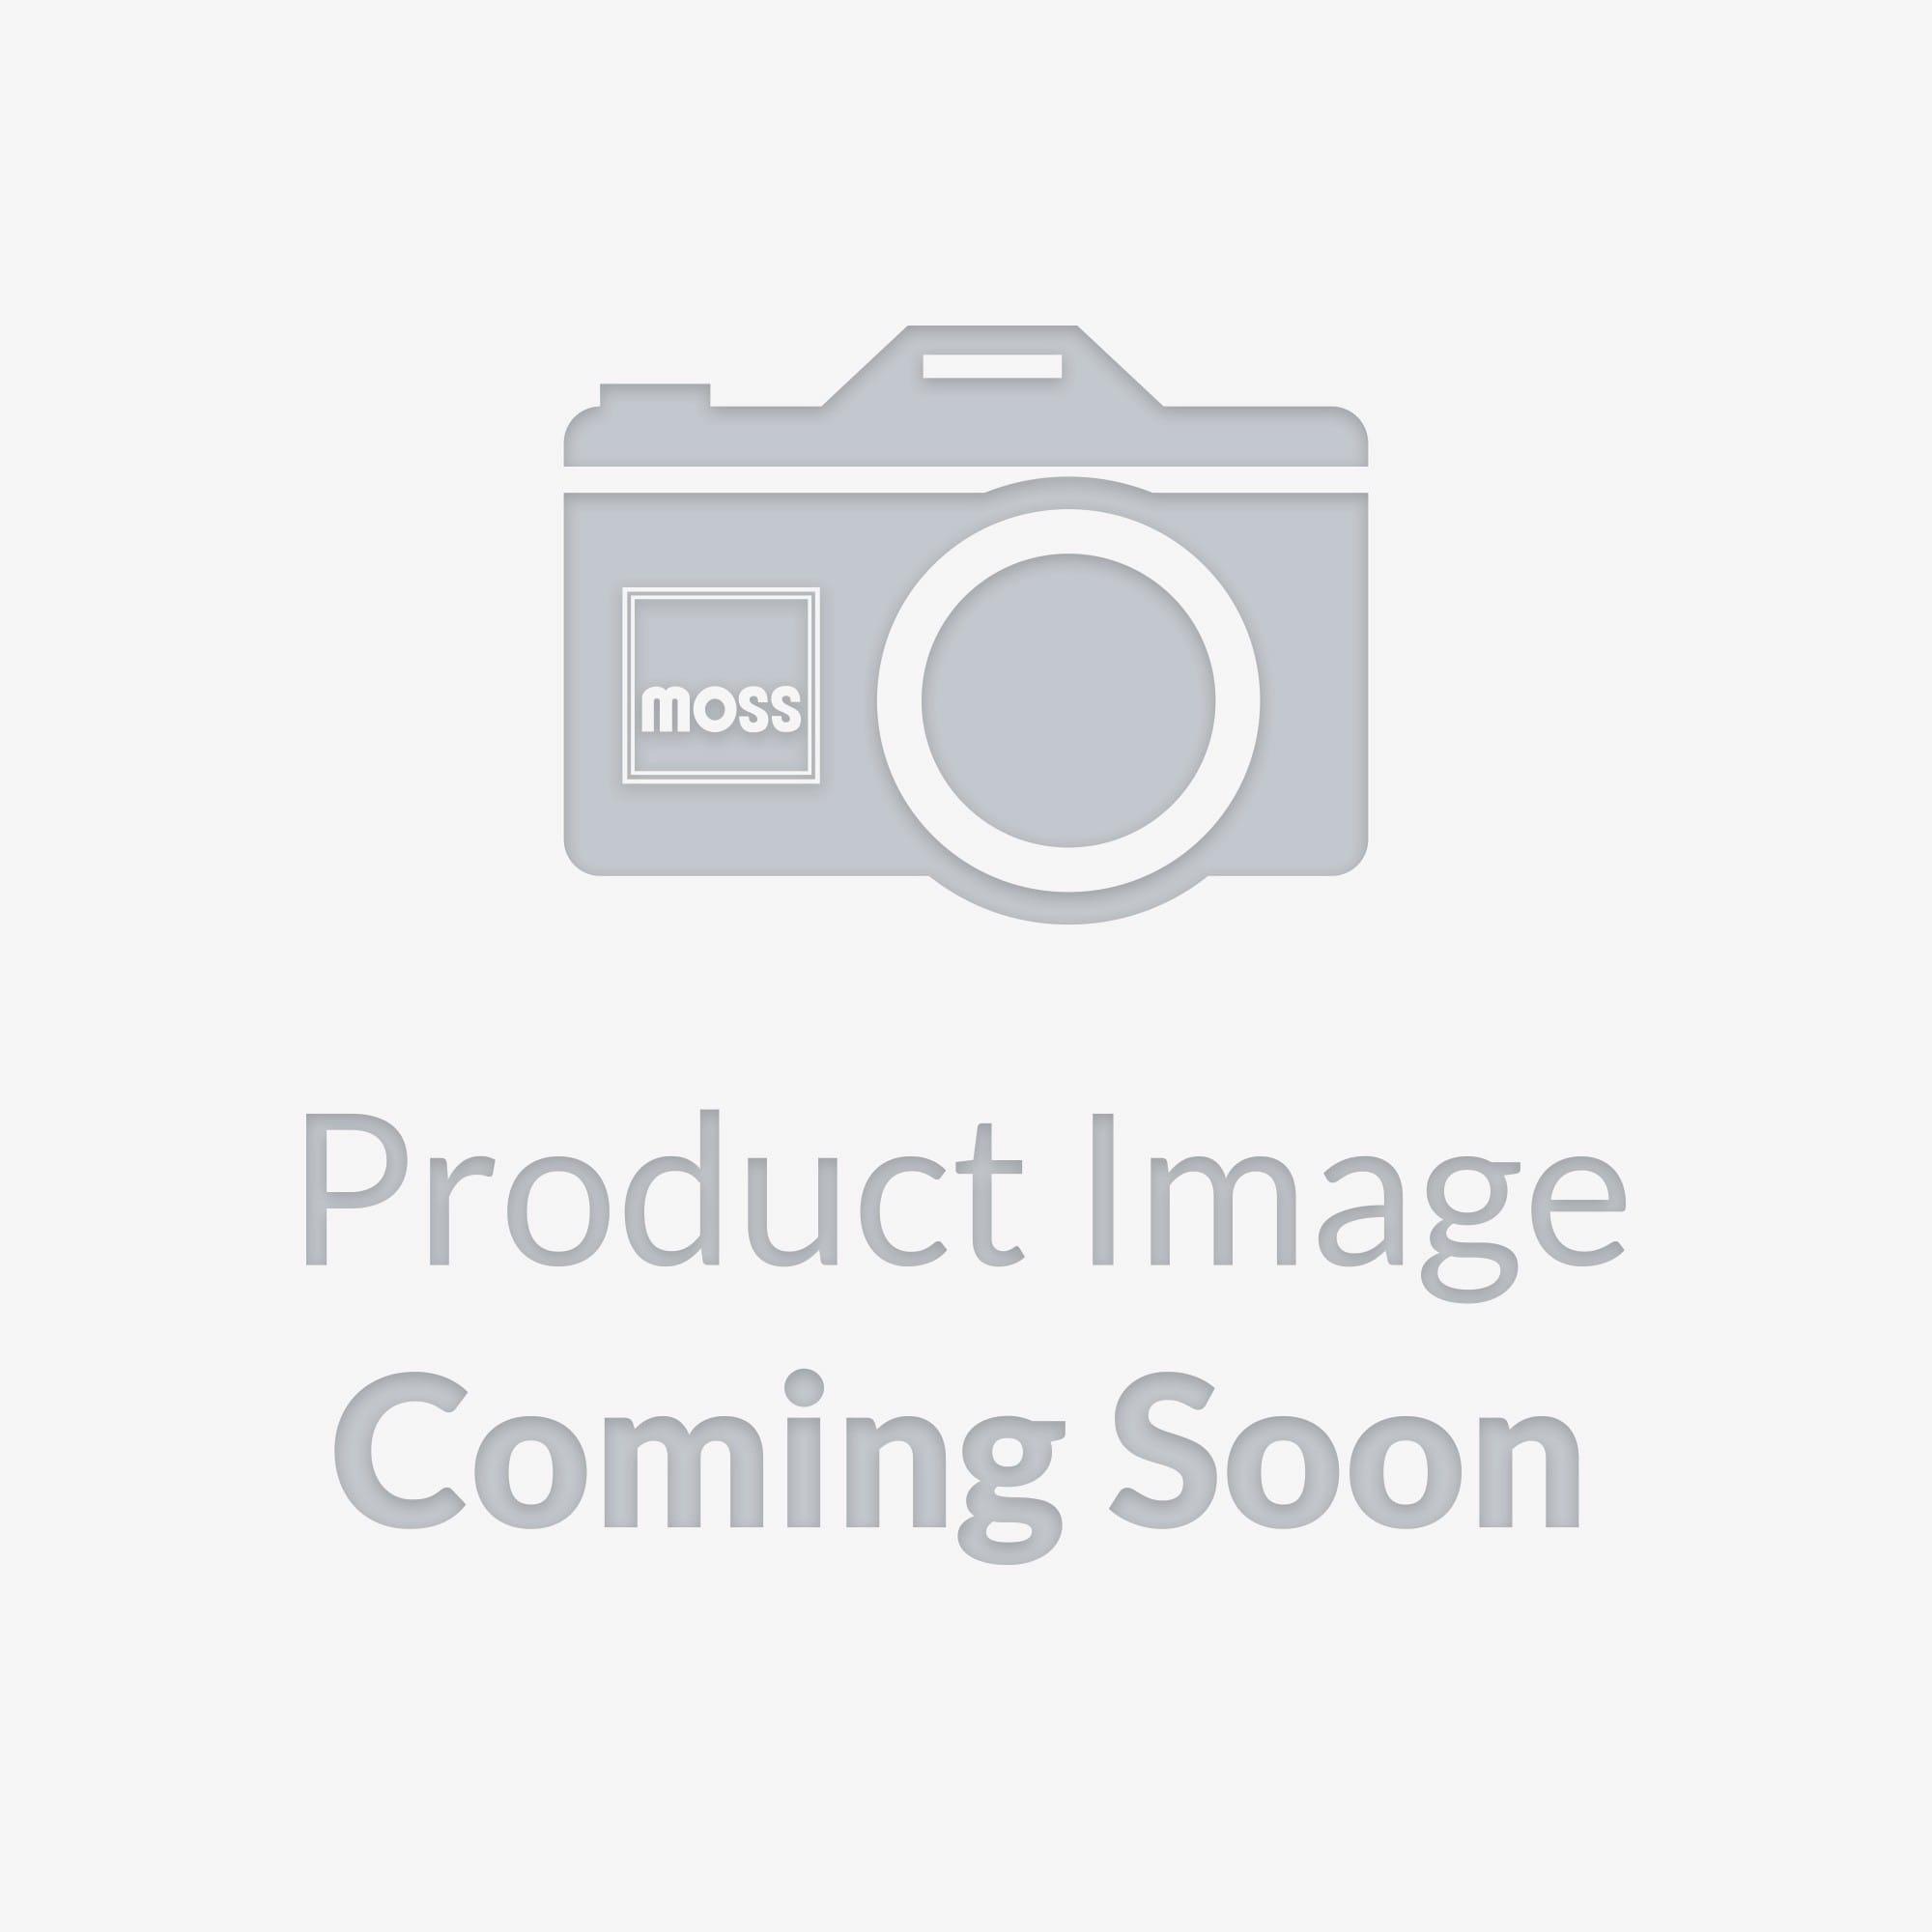 807 065 Emergency Hood Release Kit Moss Motors